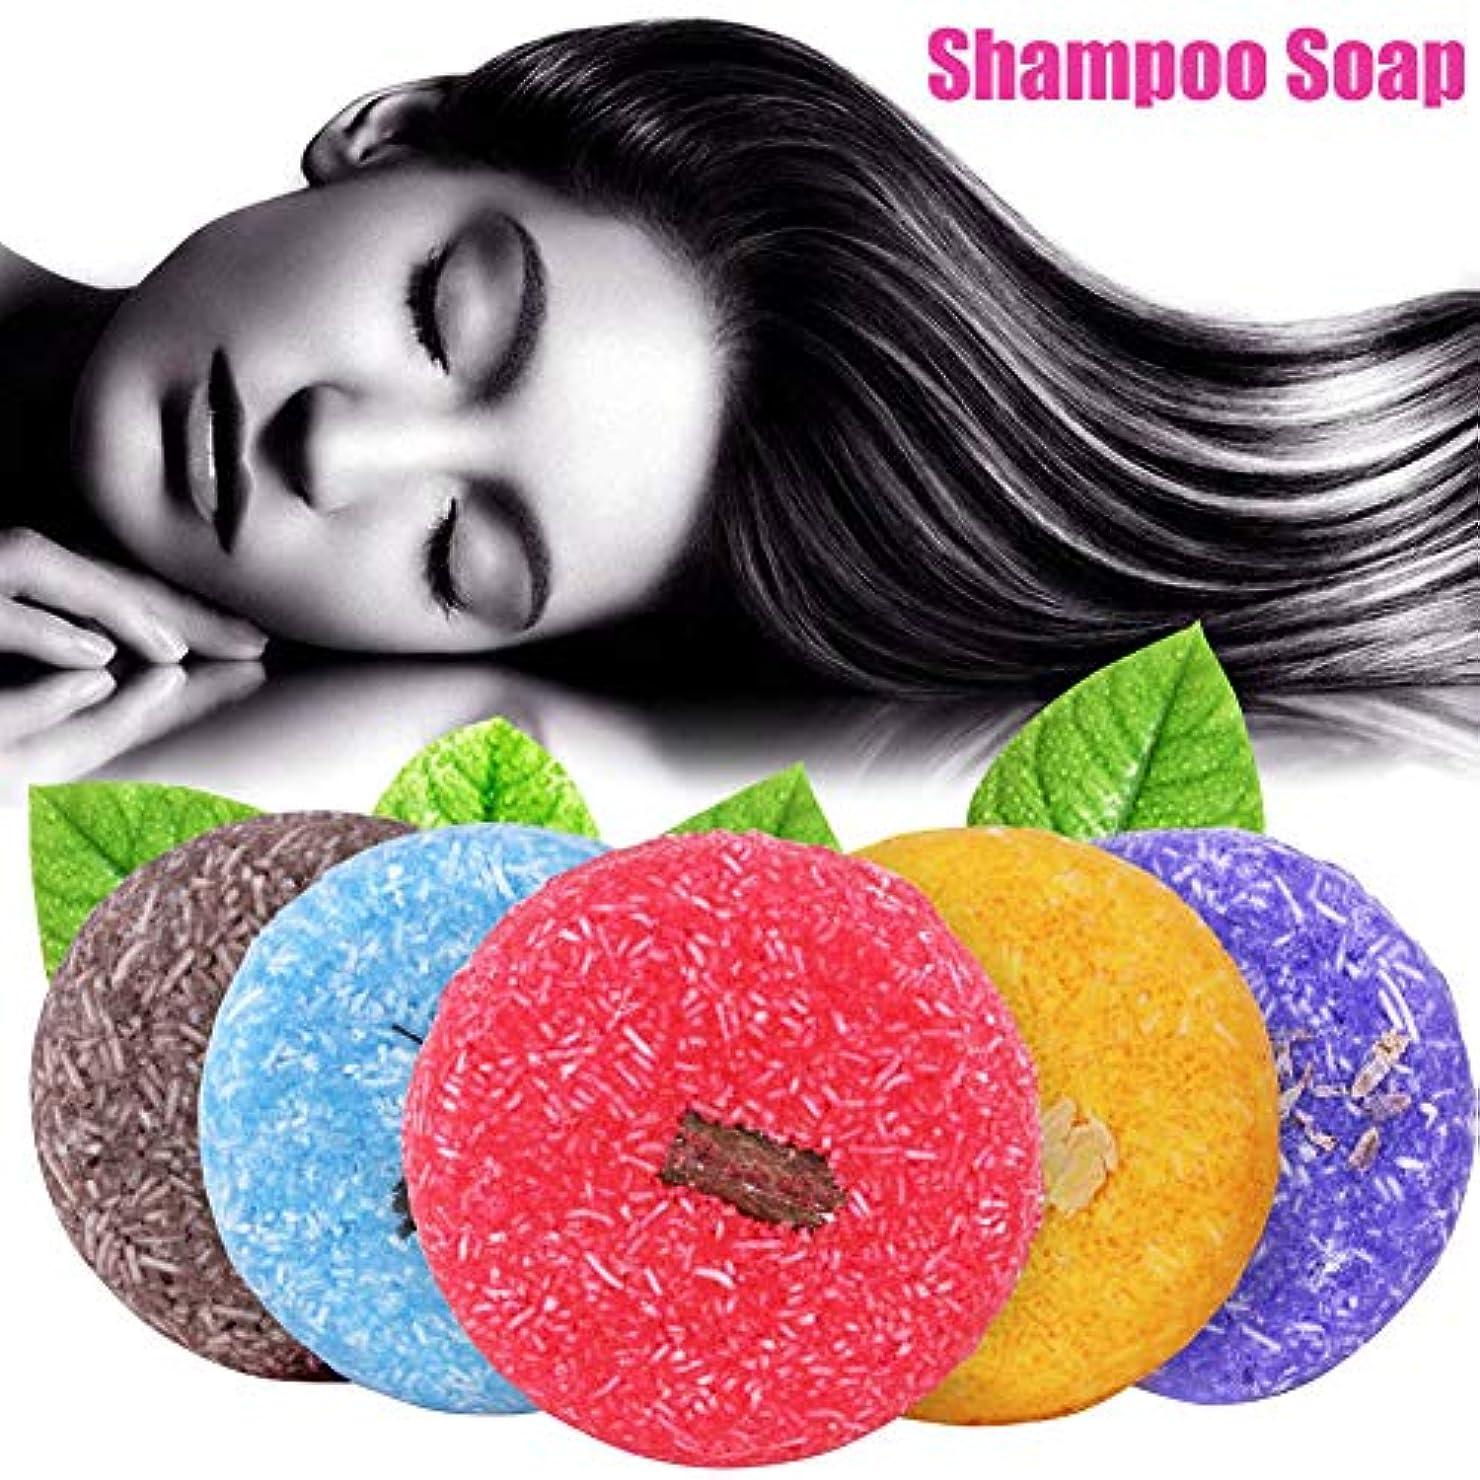 ペストリーマーチャンダイザーびっくりした石鹸 - Delaman 洗髪石鹸、シャンプー、頭皮ケア、ビューティ、クリームバー、センシティブマイルド、14種類、男女兼用 (Color : #6ミントシトラス(MINT CAMOMILE))